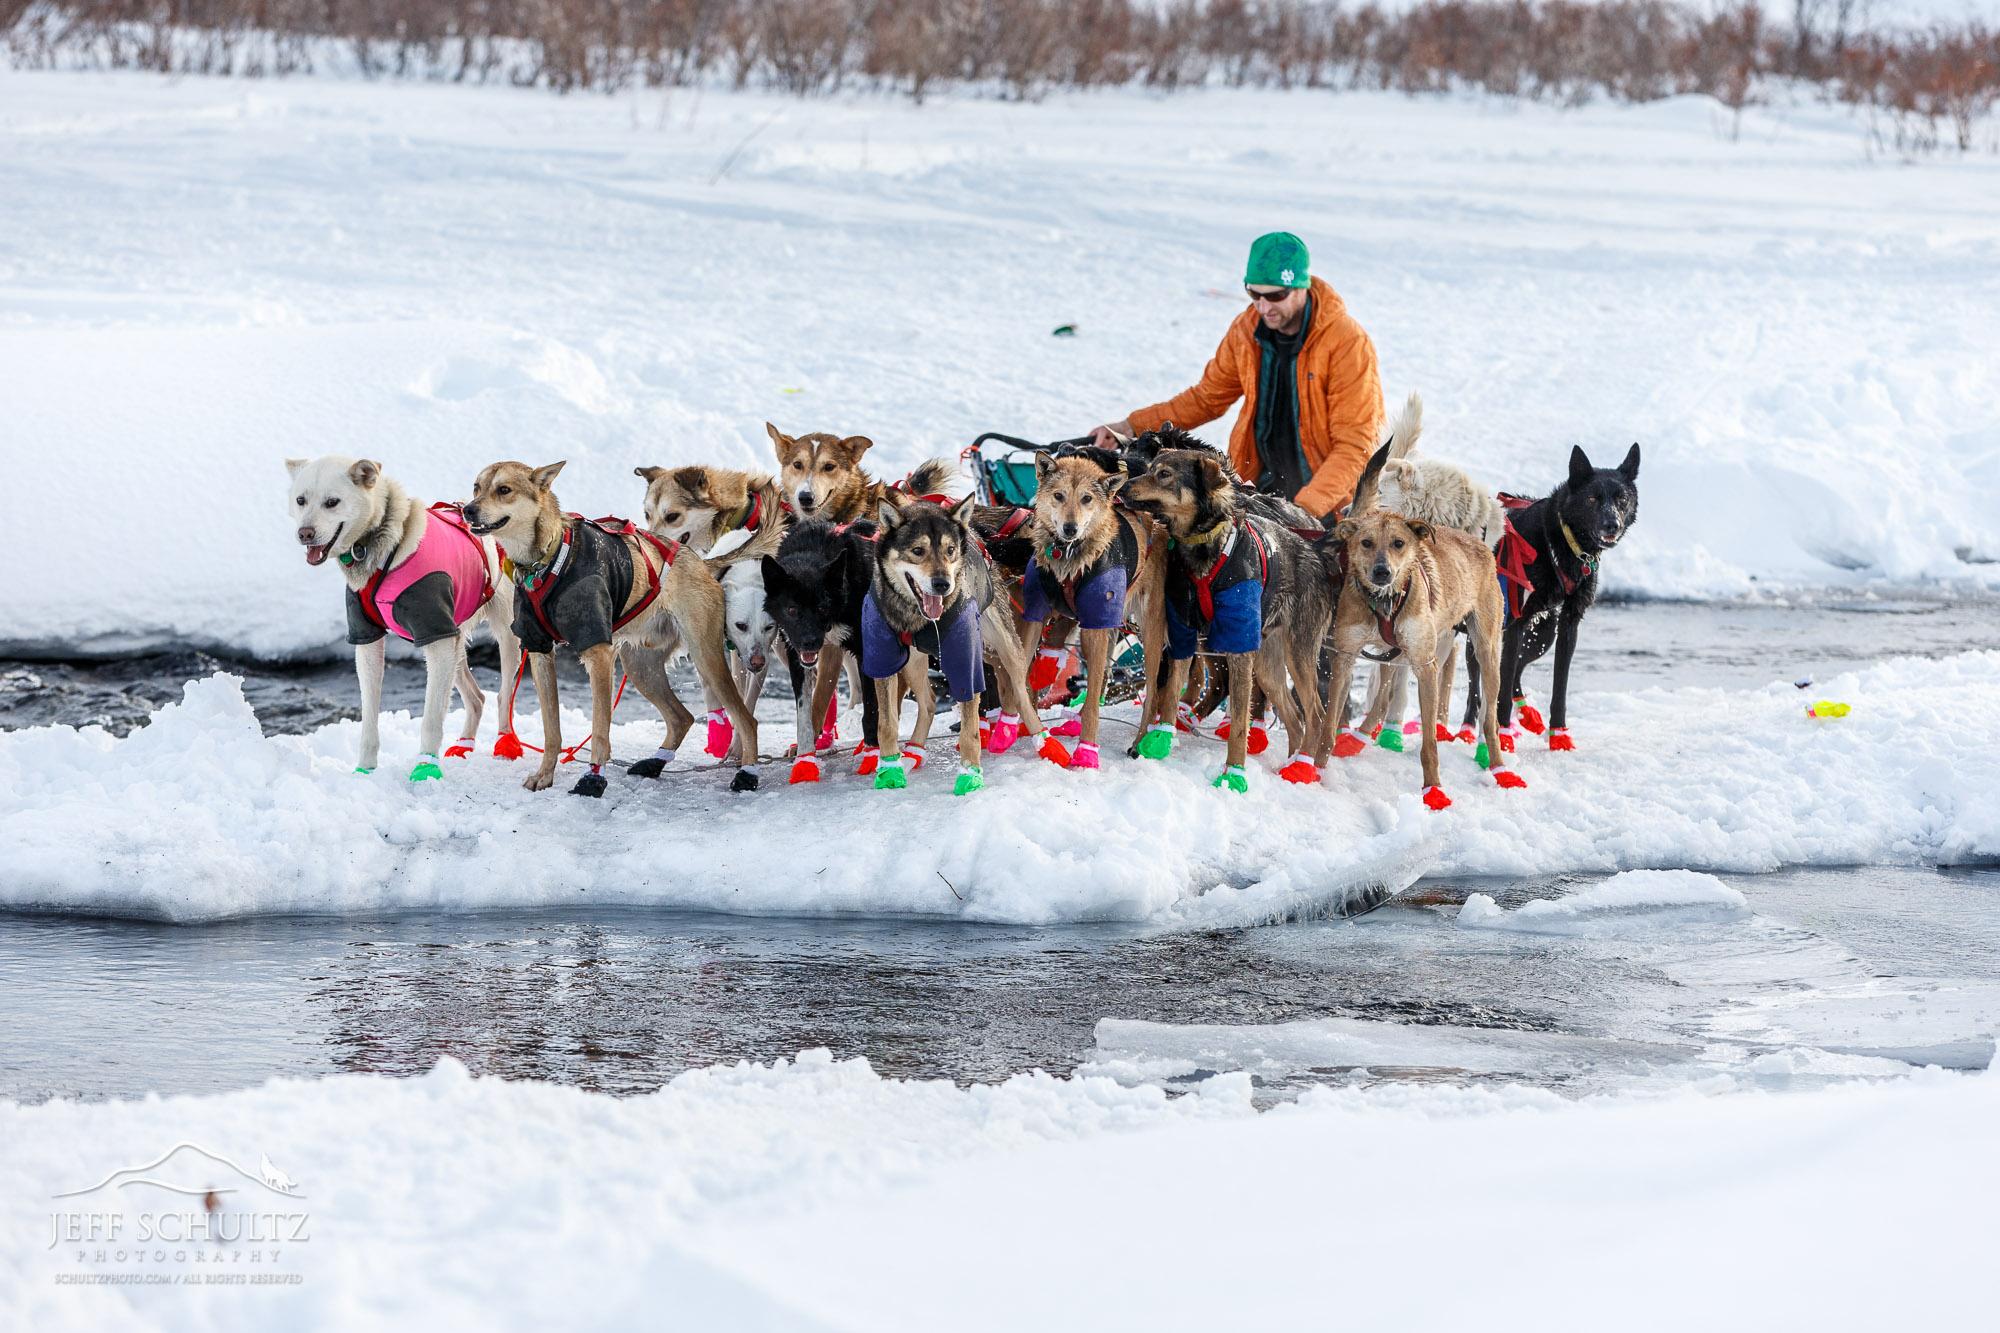 Iditarod - Jeff Schultz Photography